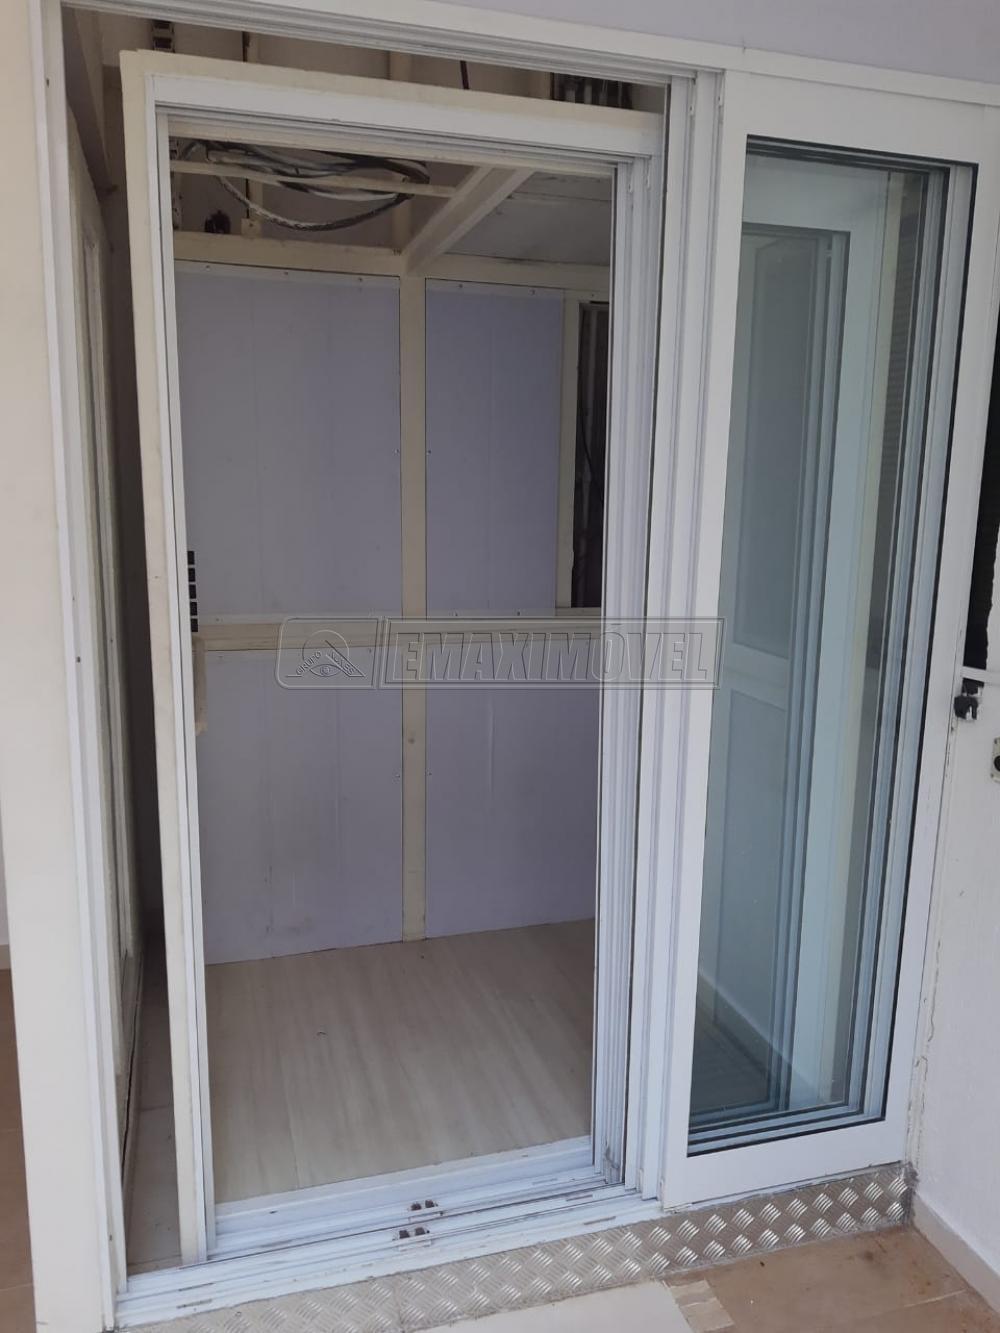 Alugar Casas / Comerciais em Sorocaba R$ 6.200,00 - Foto 6